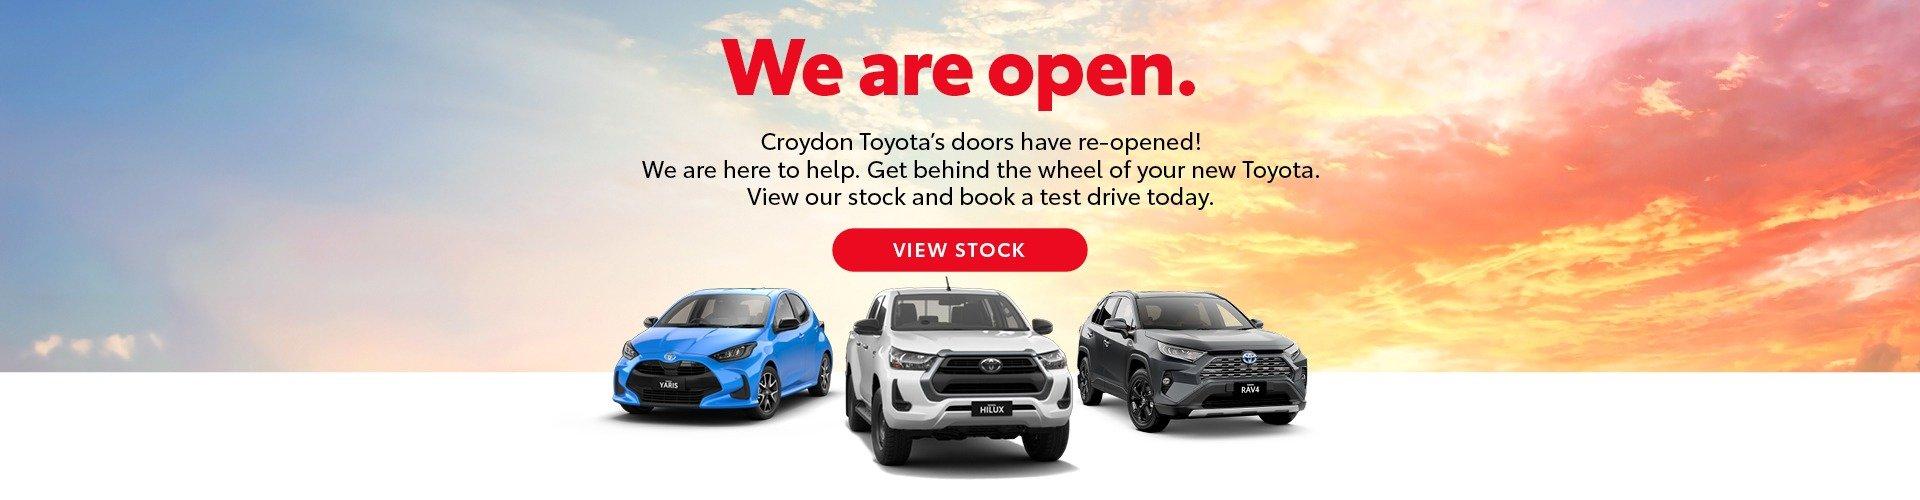 Croydon Toyota - We are open